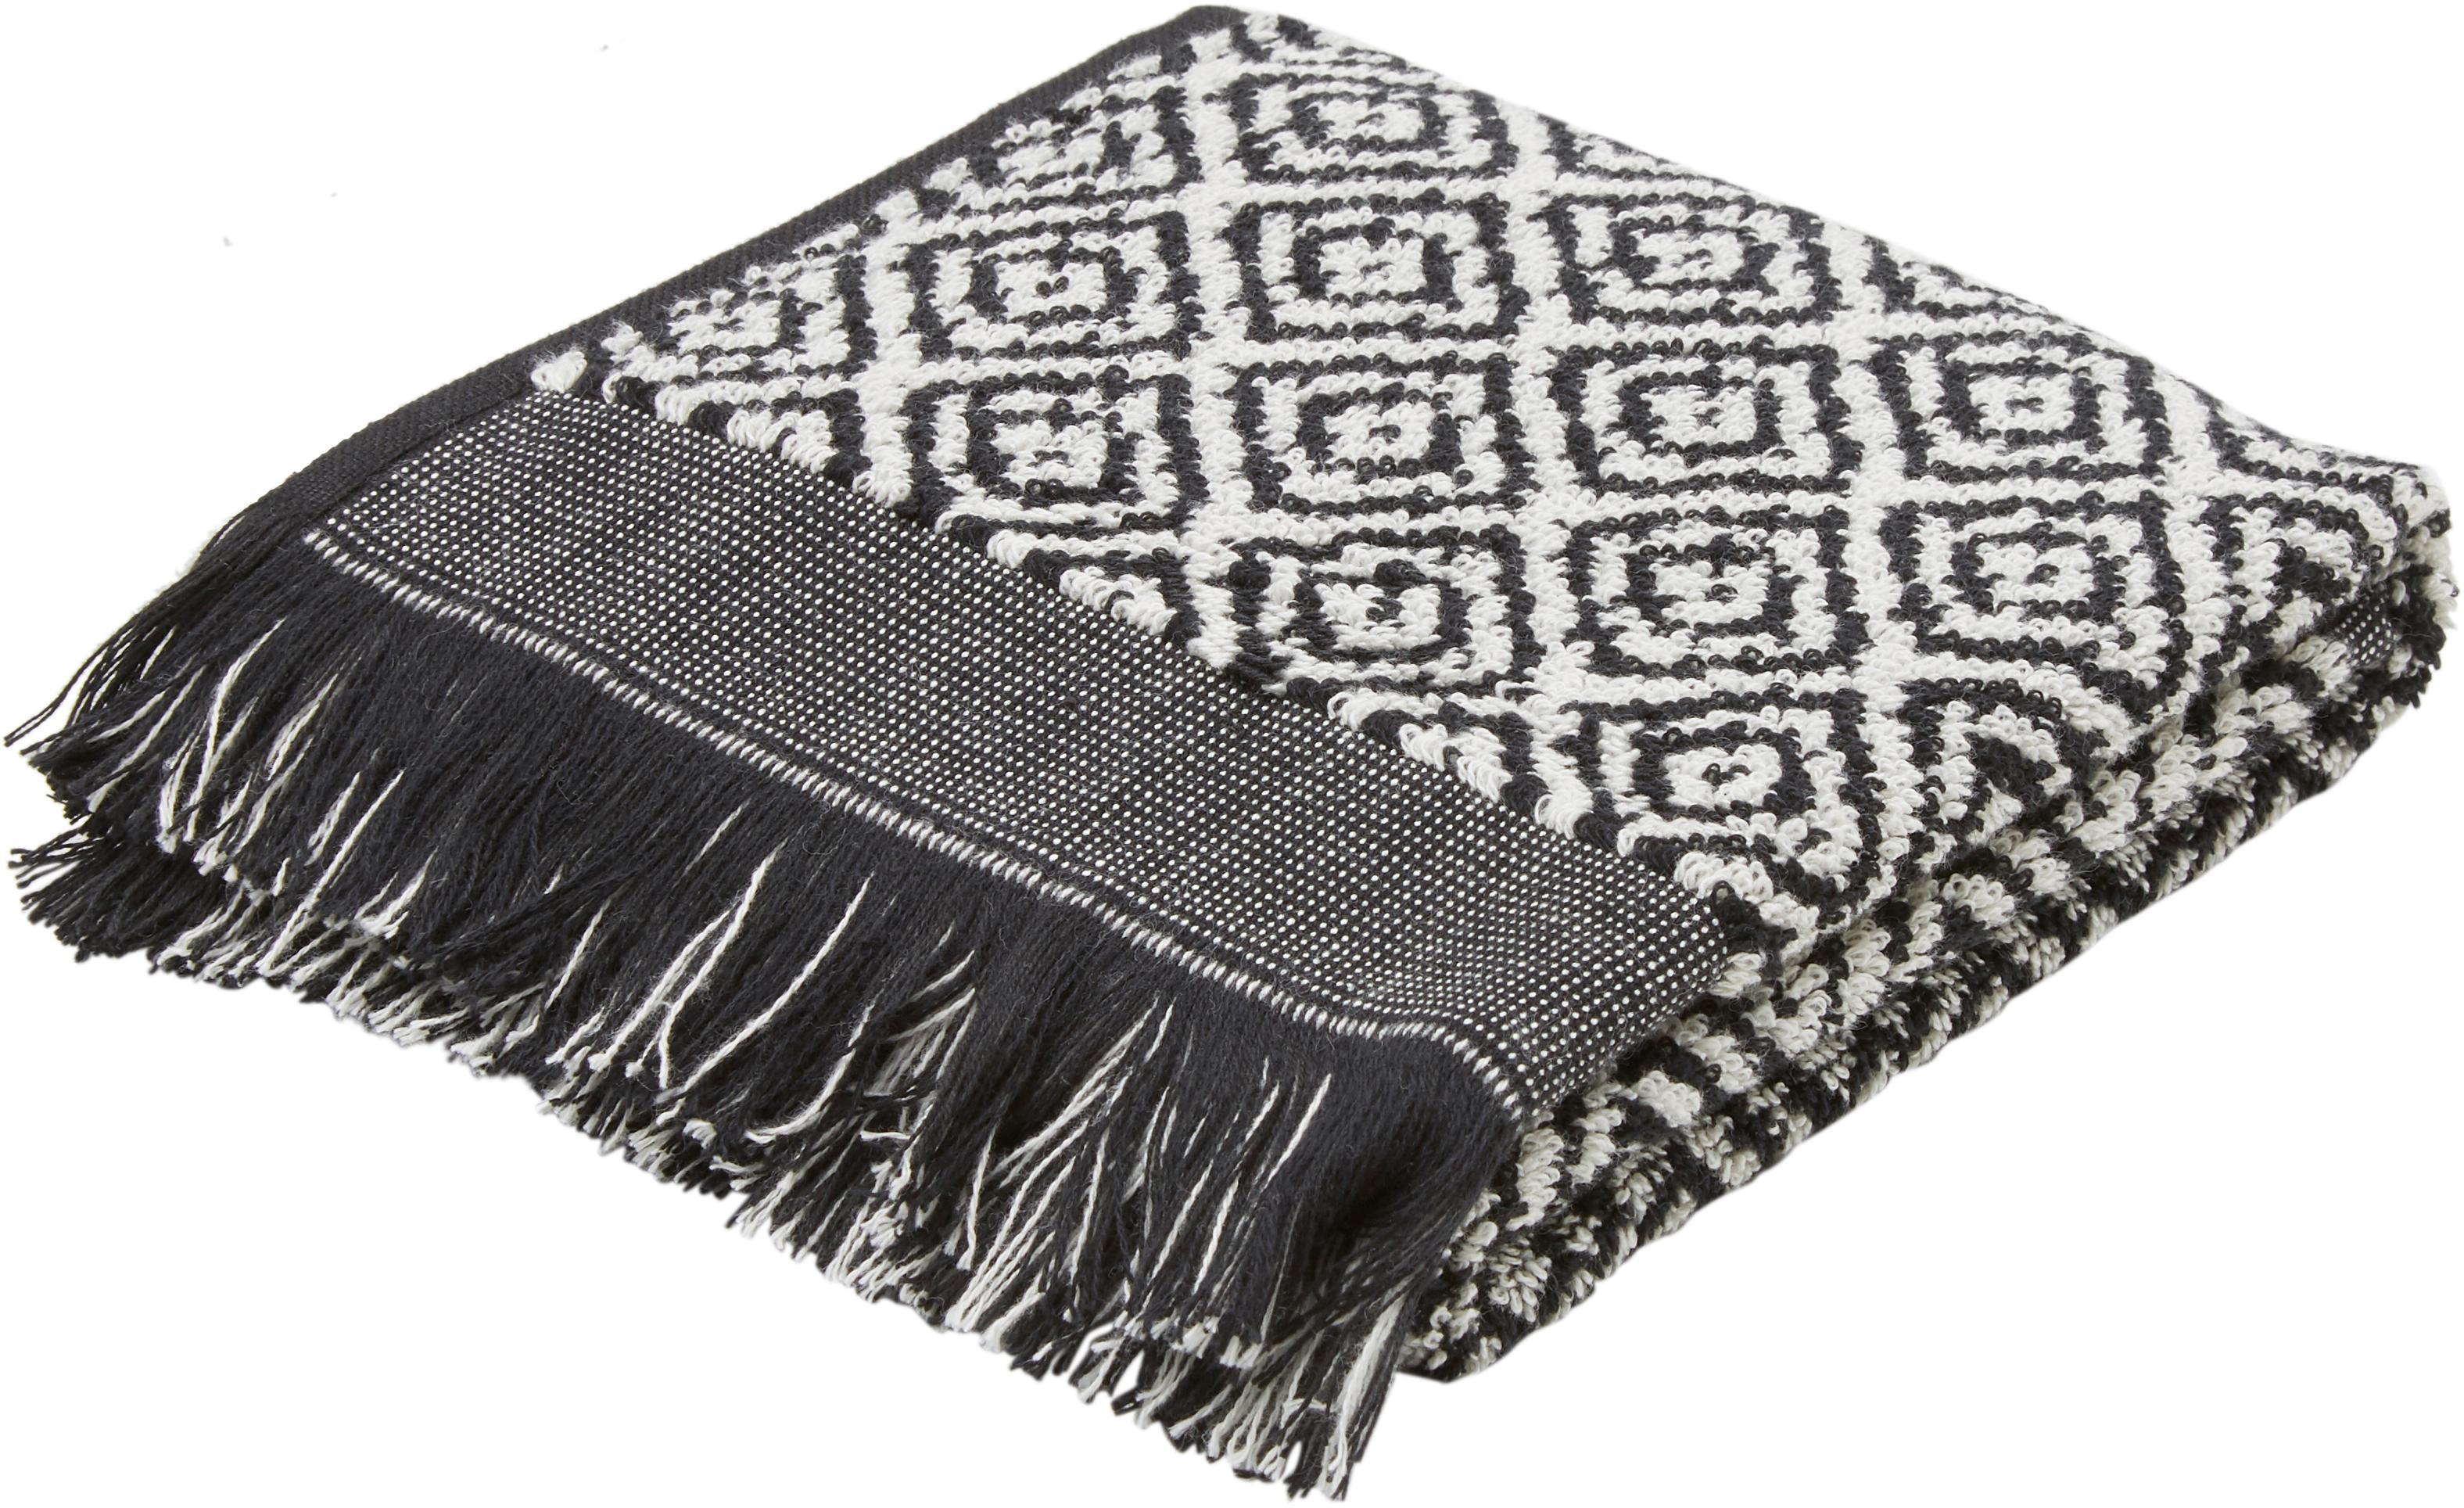 Handdoek Morocco in verschillende formaten, met ruitjesmotief, Zwart, wit, Gastendoekje